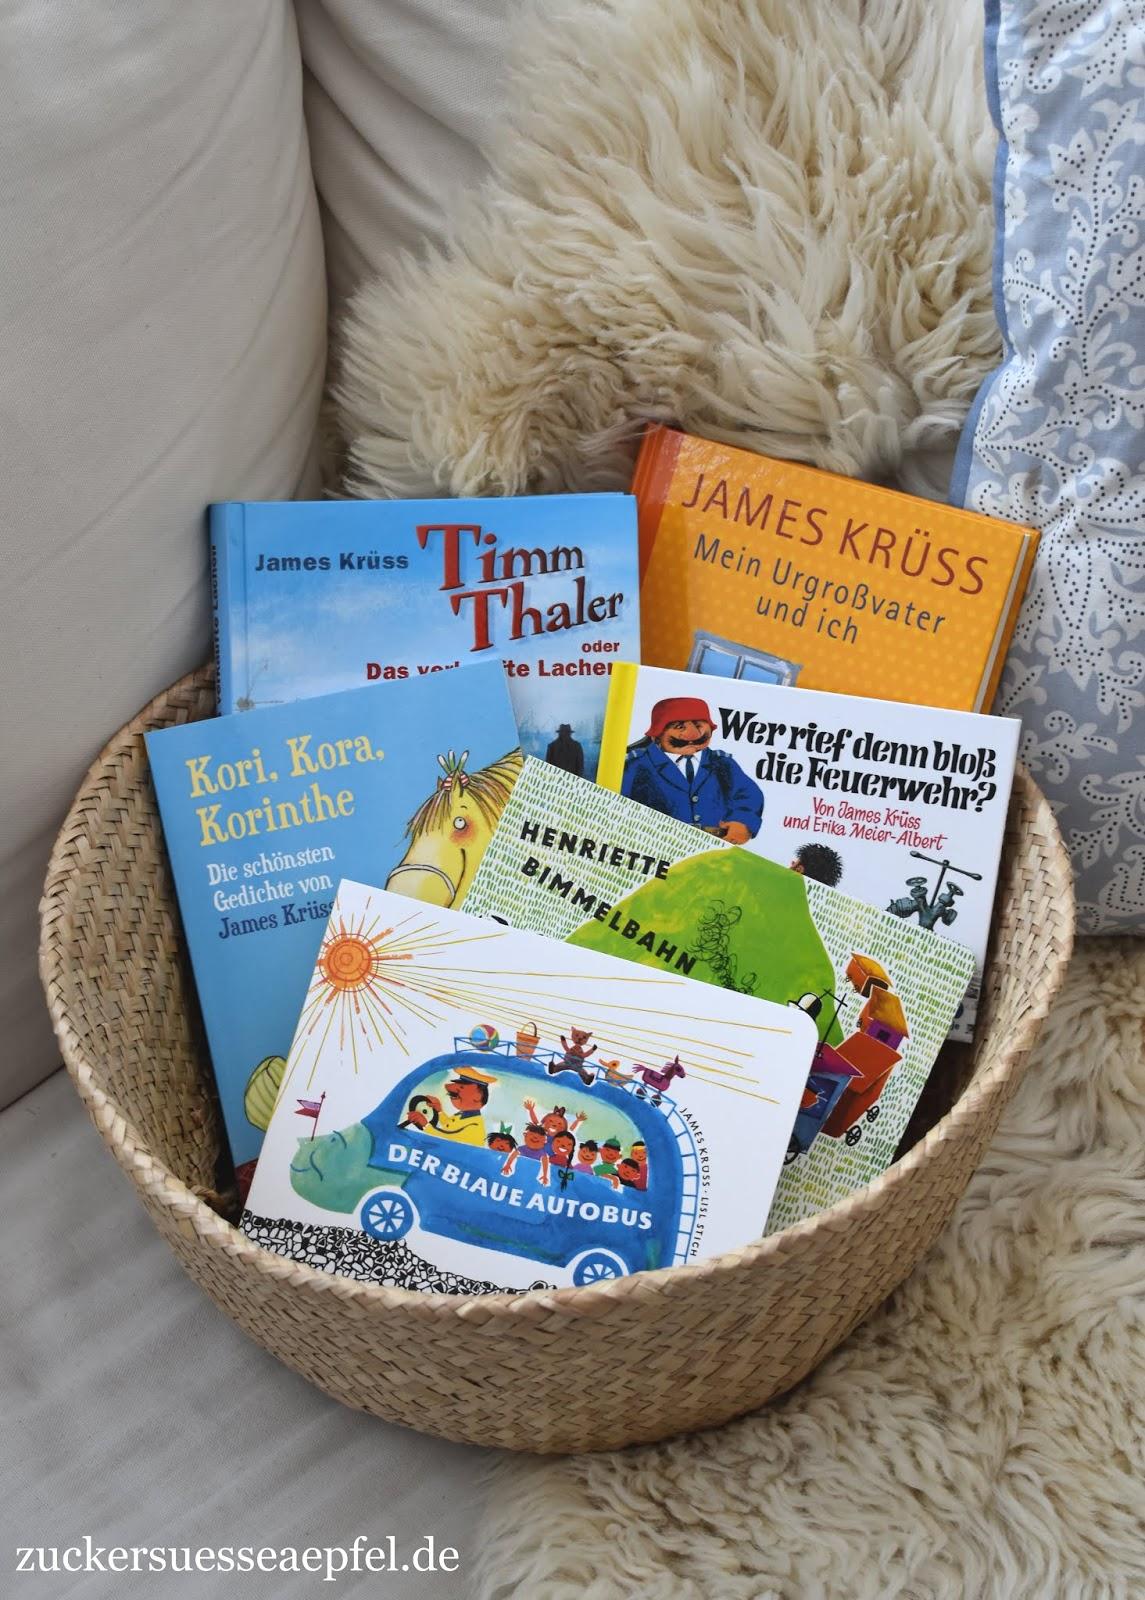 Der Bekannte Kinderbuchautor James Kruss Ein Portrat Zuckersusse Apfel Kreativer Familienblog Und Reiseblog